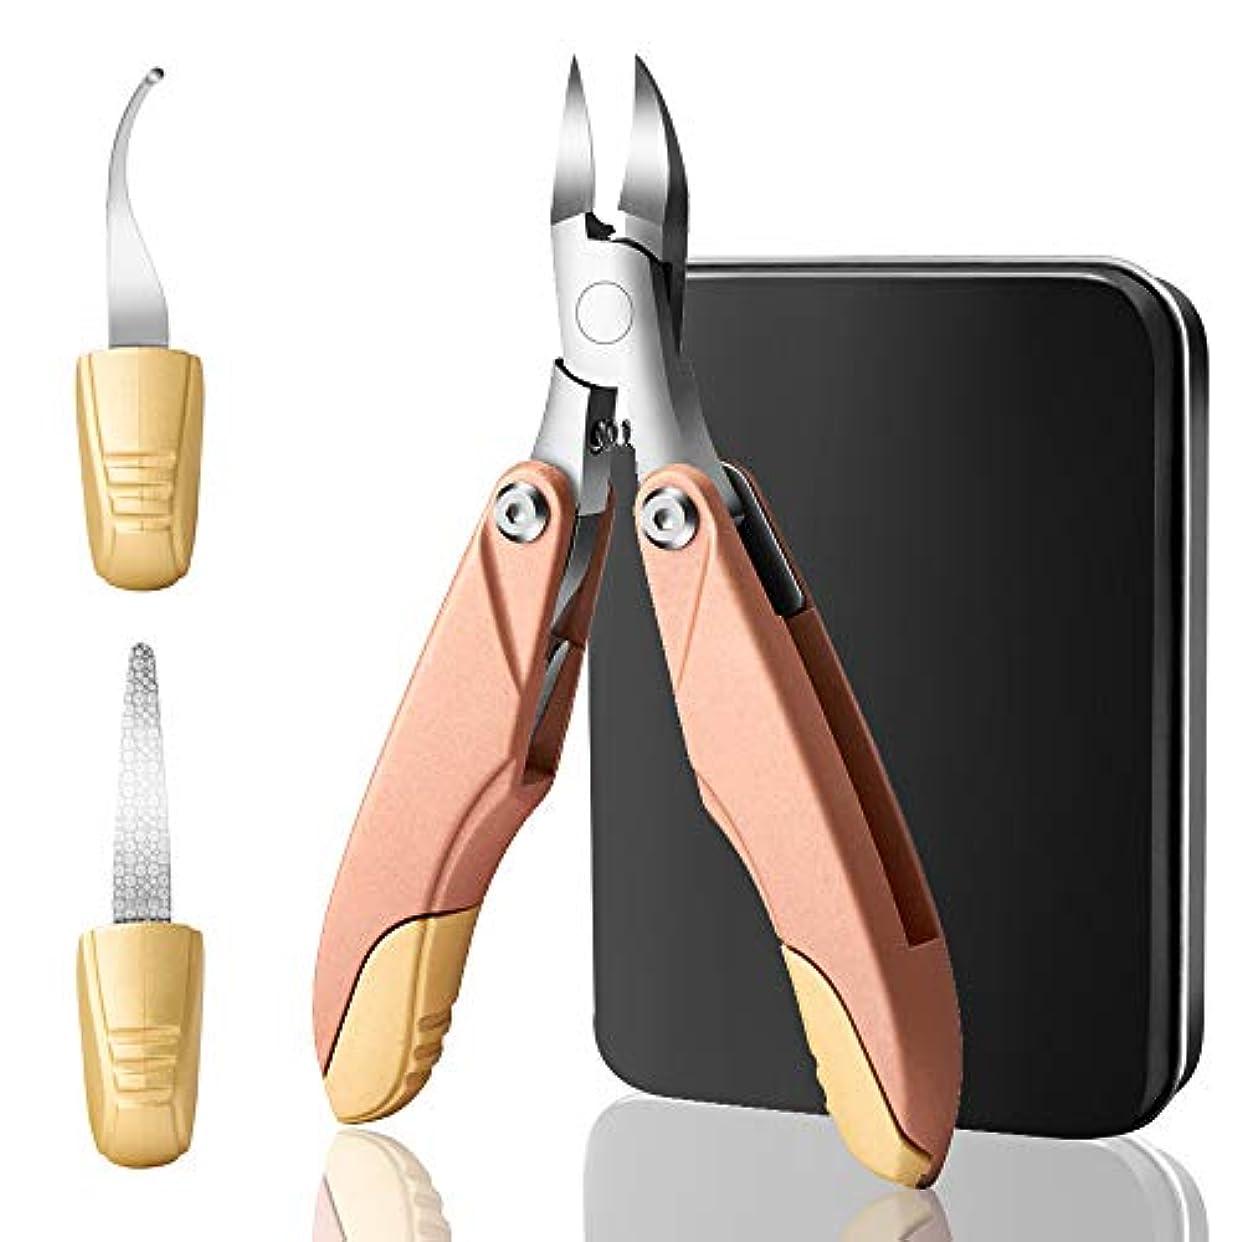 性能悲しい留め金YunTech 爪切り3in1 ニッパー爪切り ステンレス製 折り畳み式 巻き爪 硬い爪などにも対応 ゾンデ/爪やすり付き 手足兼用 収納ケース付き (ローズゴールド)